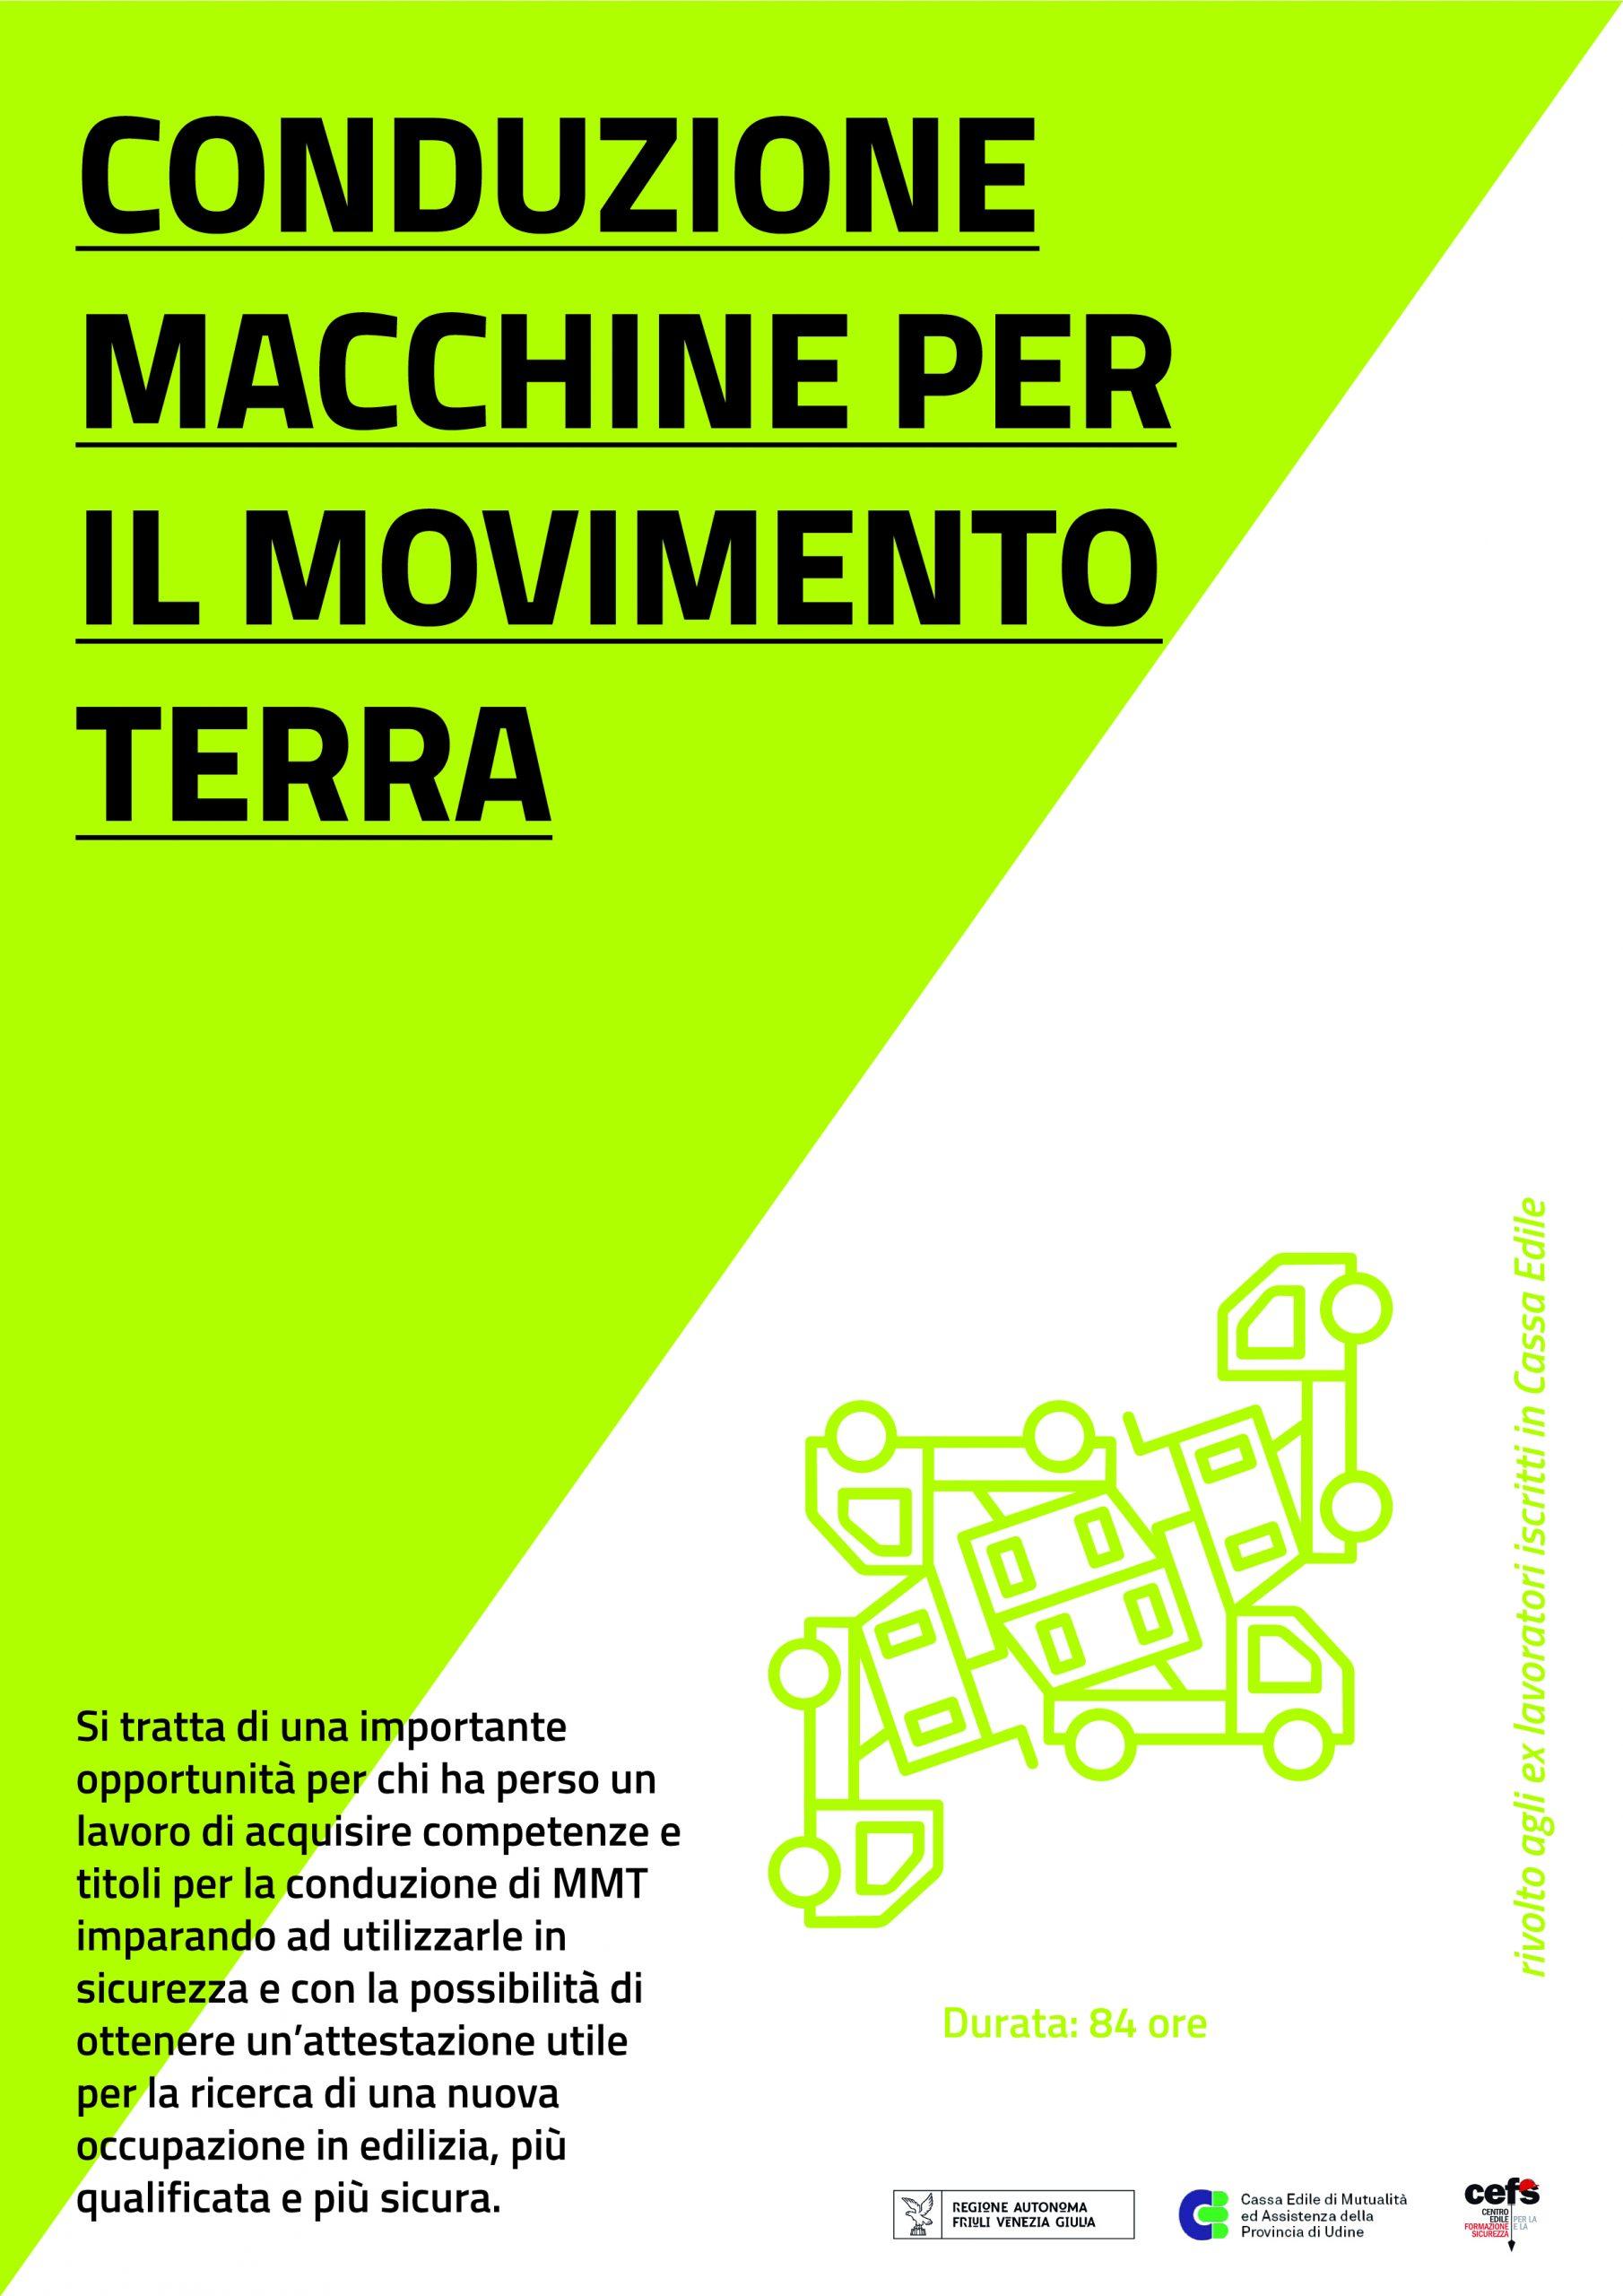 Formazione GRATUITA OPERATORI MACCHINE MOVIMENTO TERRA per lavoratori disoccupati – 84 ORE – (avvio 12 settembre 2019)